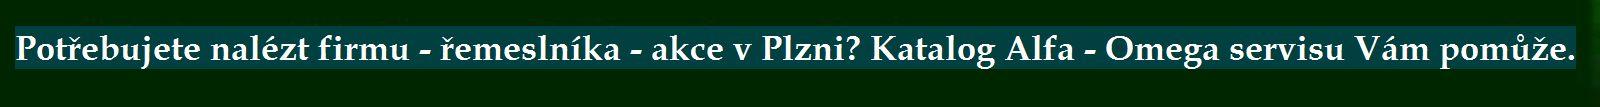 katalog-firem-Plzeň